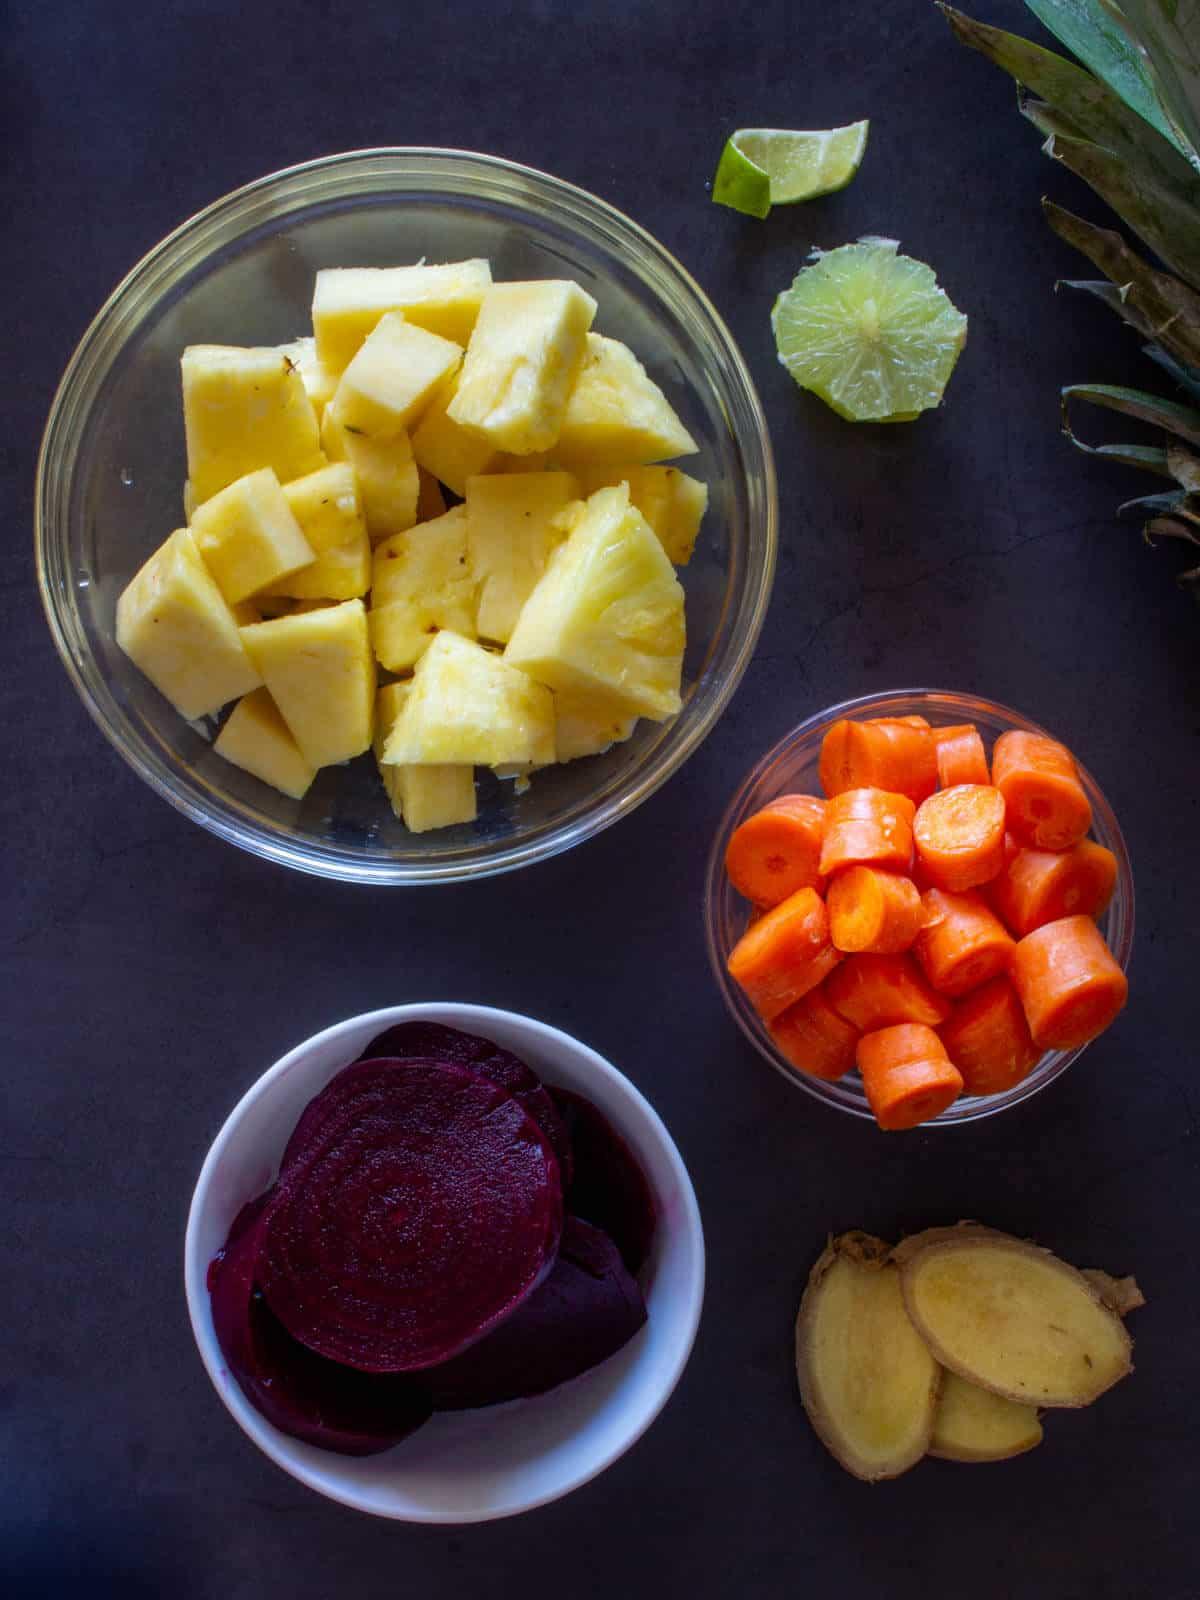 Beetroot Detox Juice chopped produce